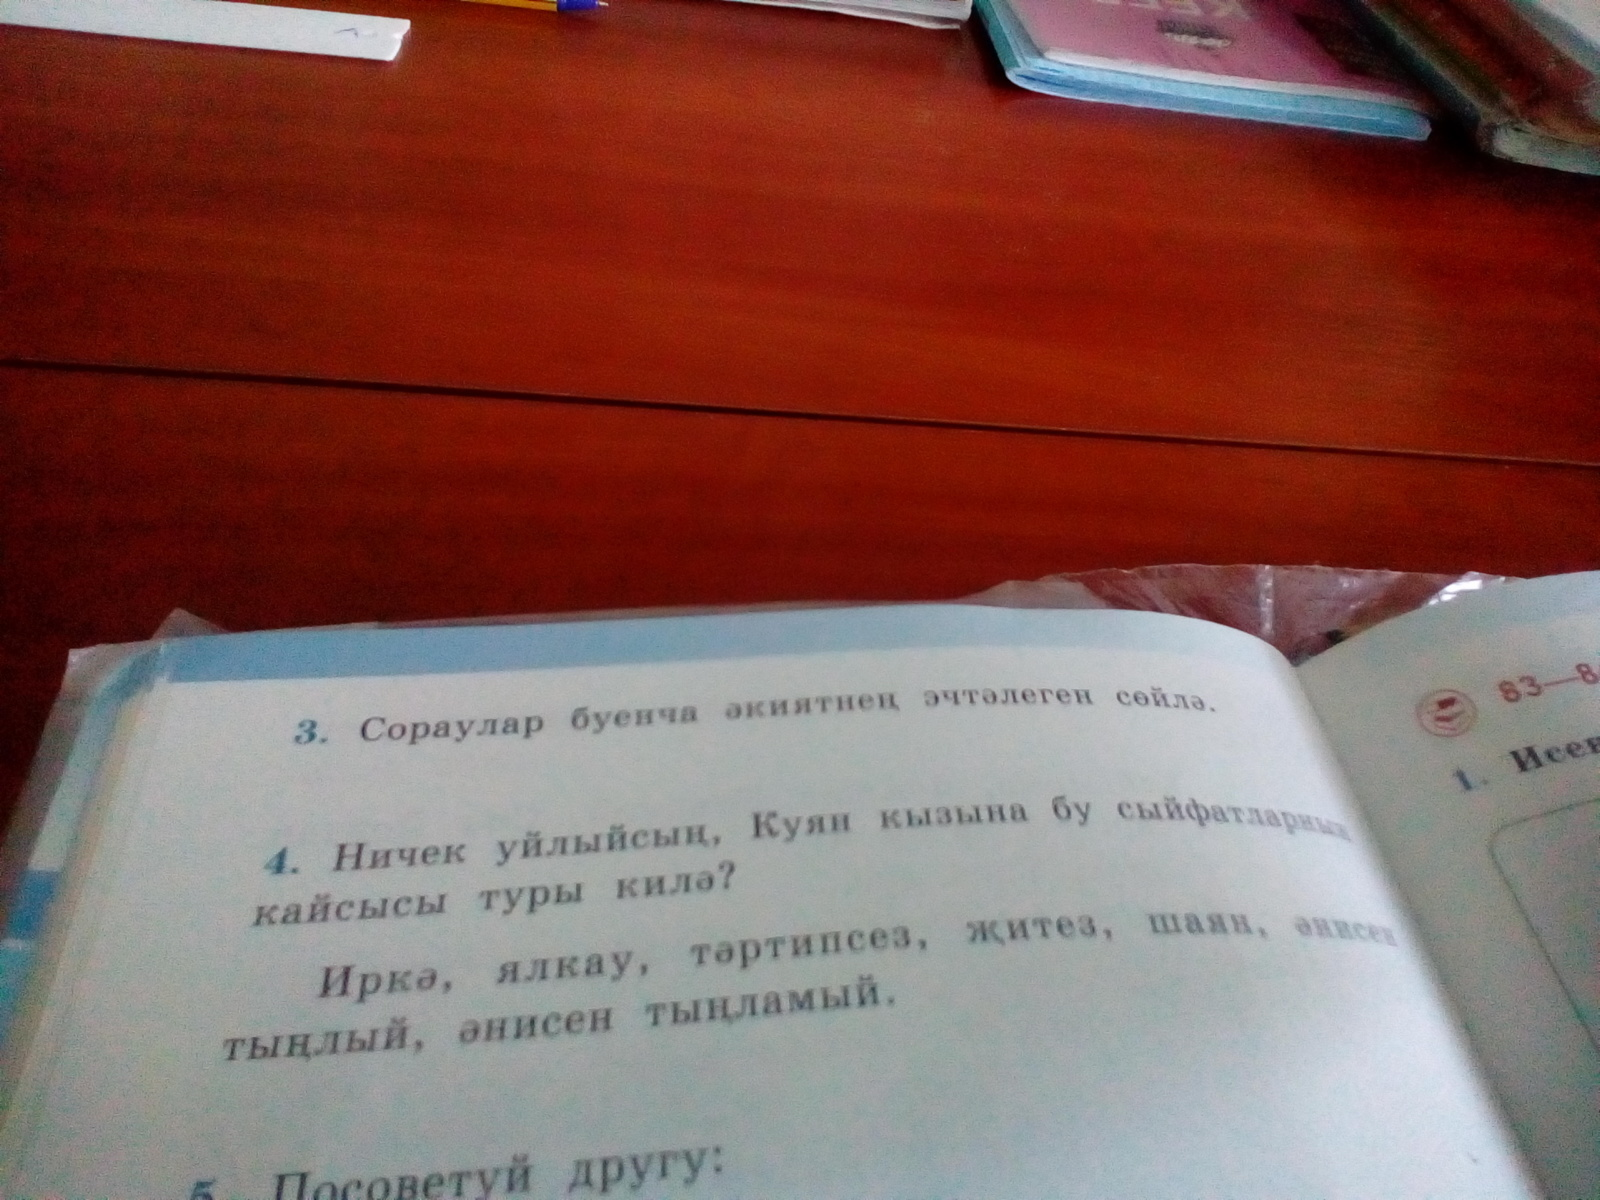 Как переводится 3 помогите срочно?